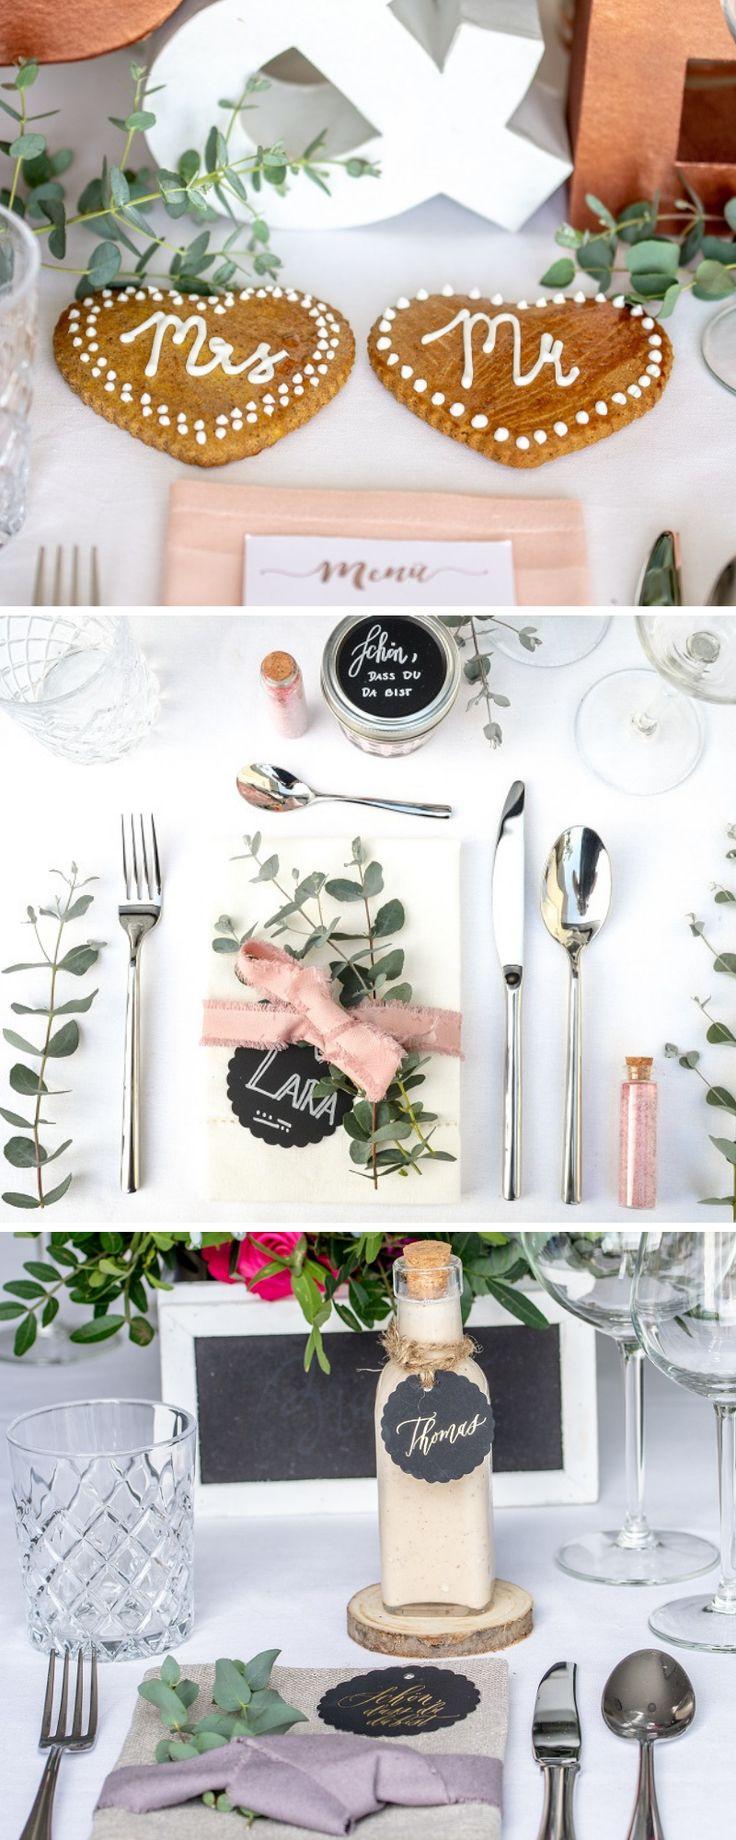 Rezepte für die Hochzeit – Torten, Candy Bar, Gastgeschenke & mehr